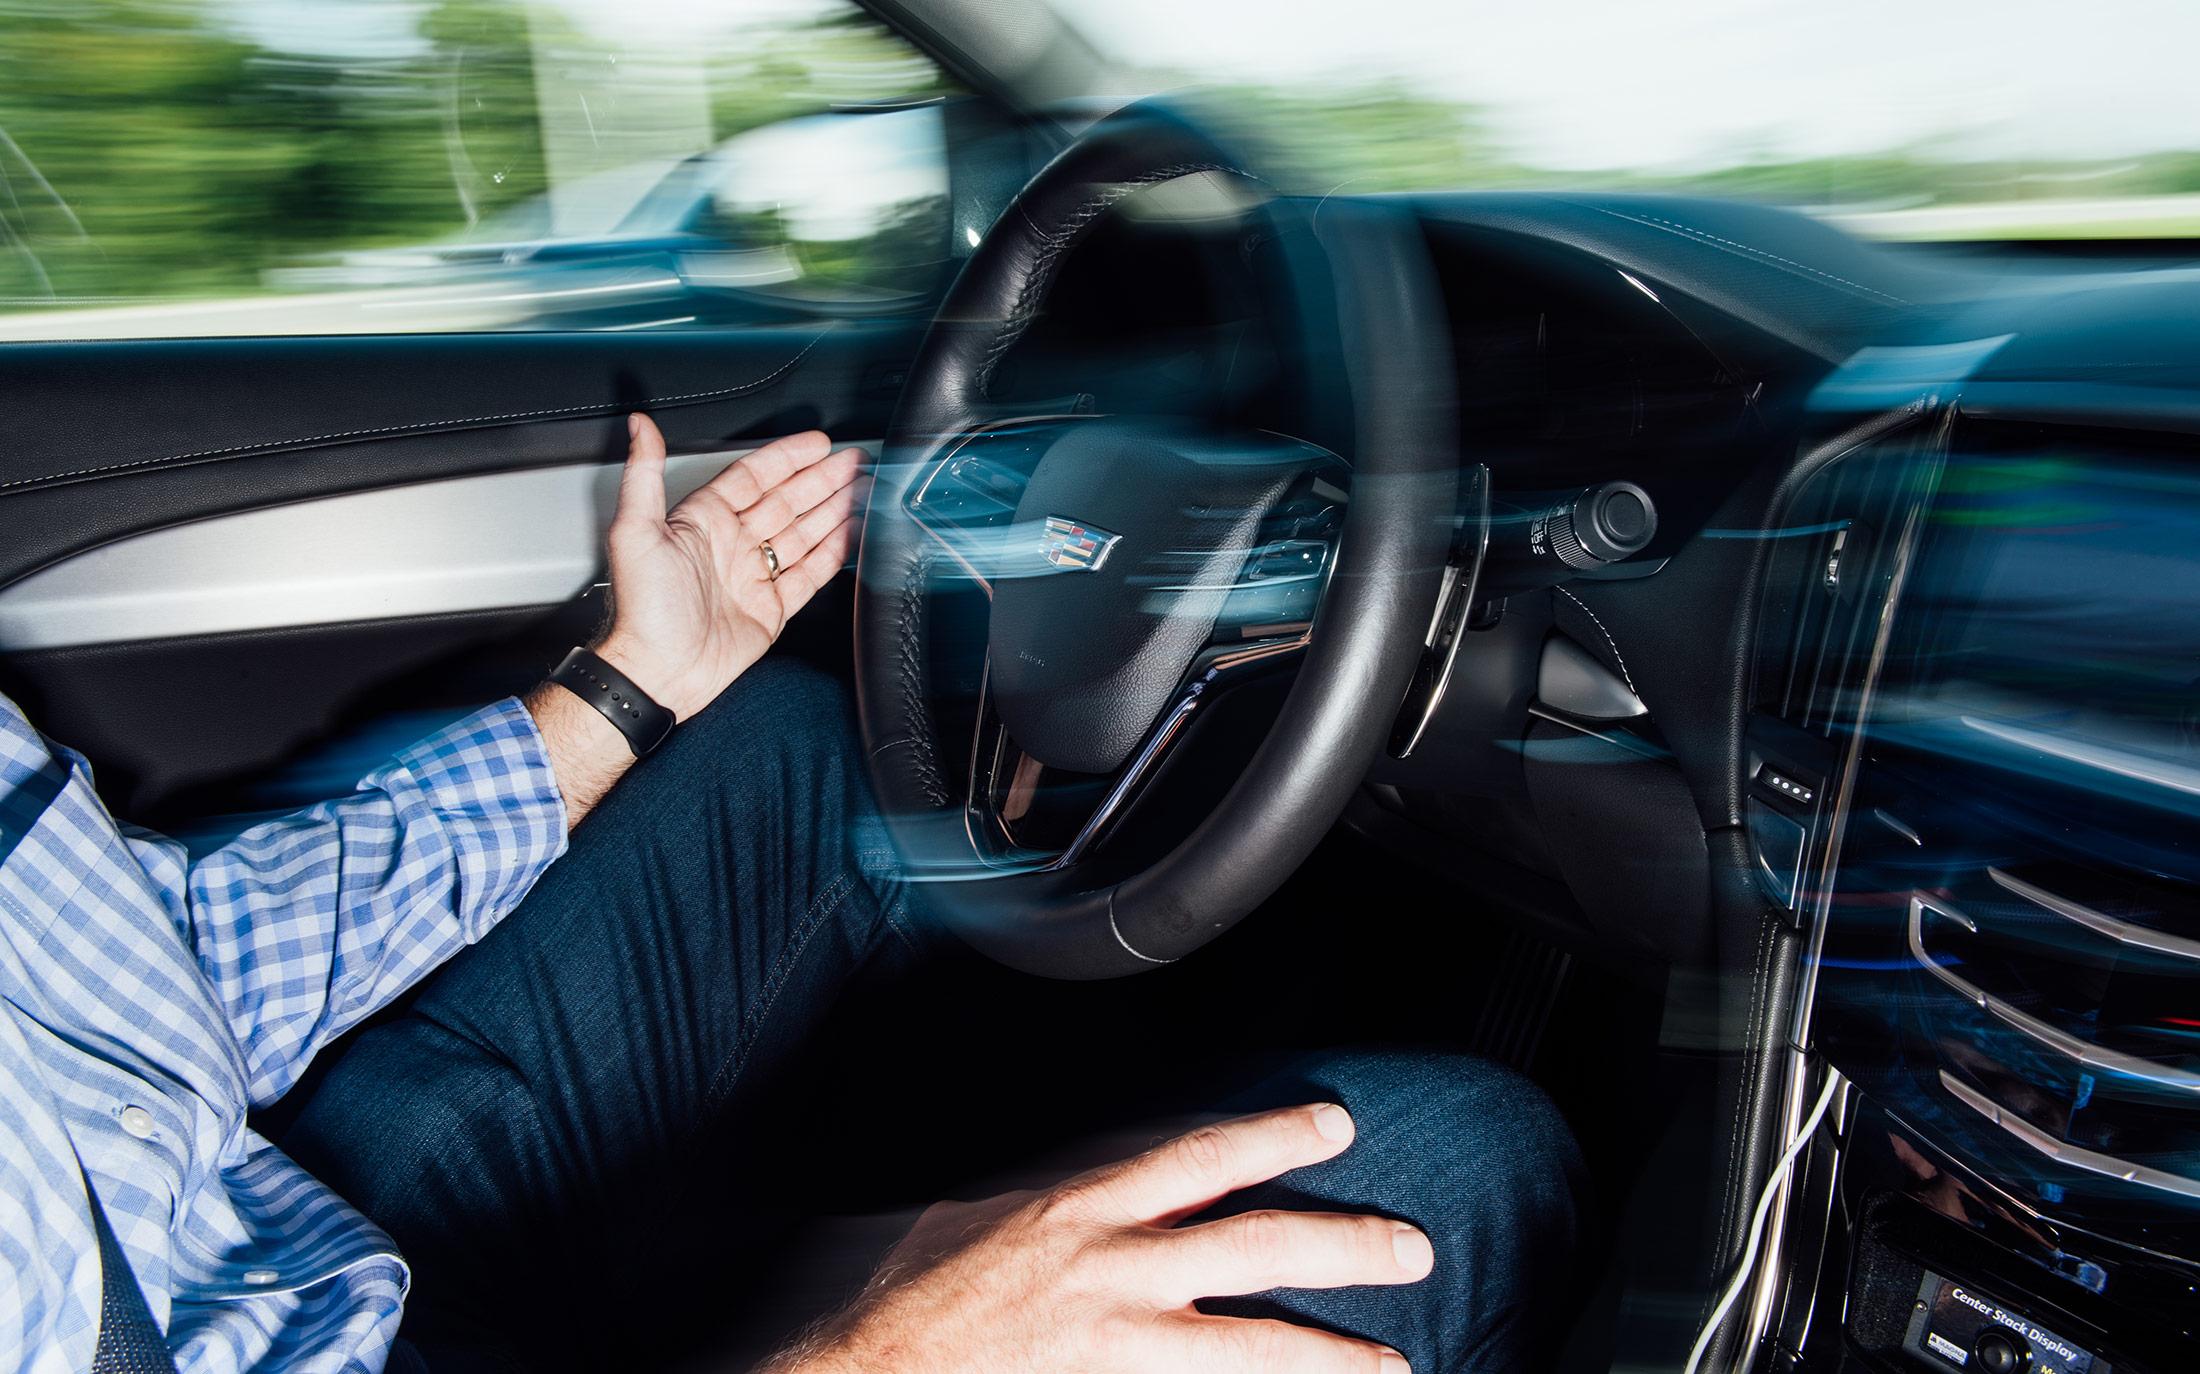 автомобильный лидар - беспилотный автомобиль